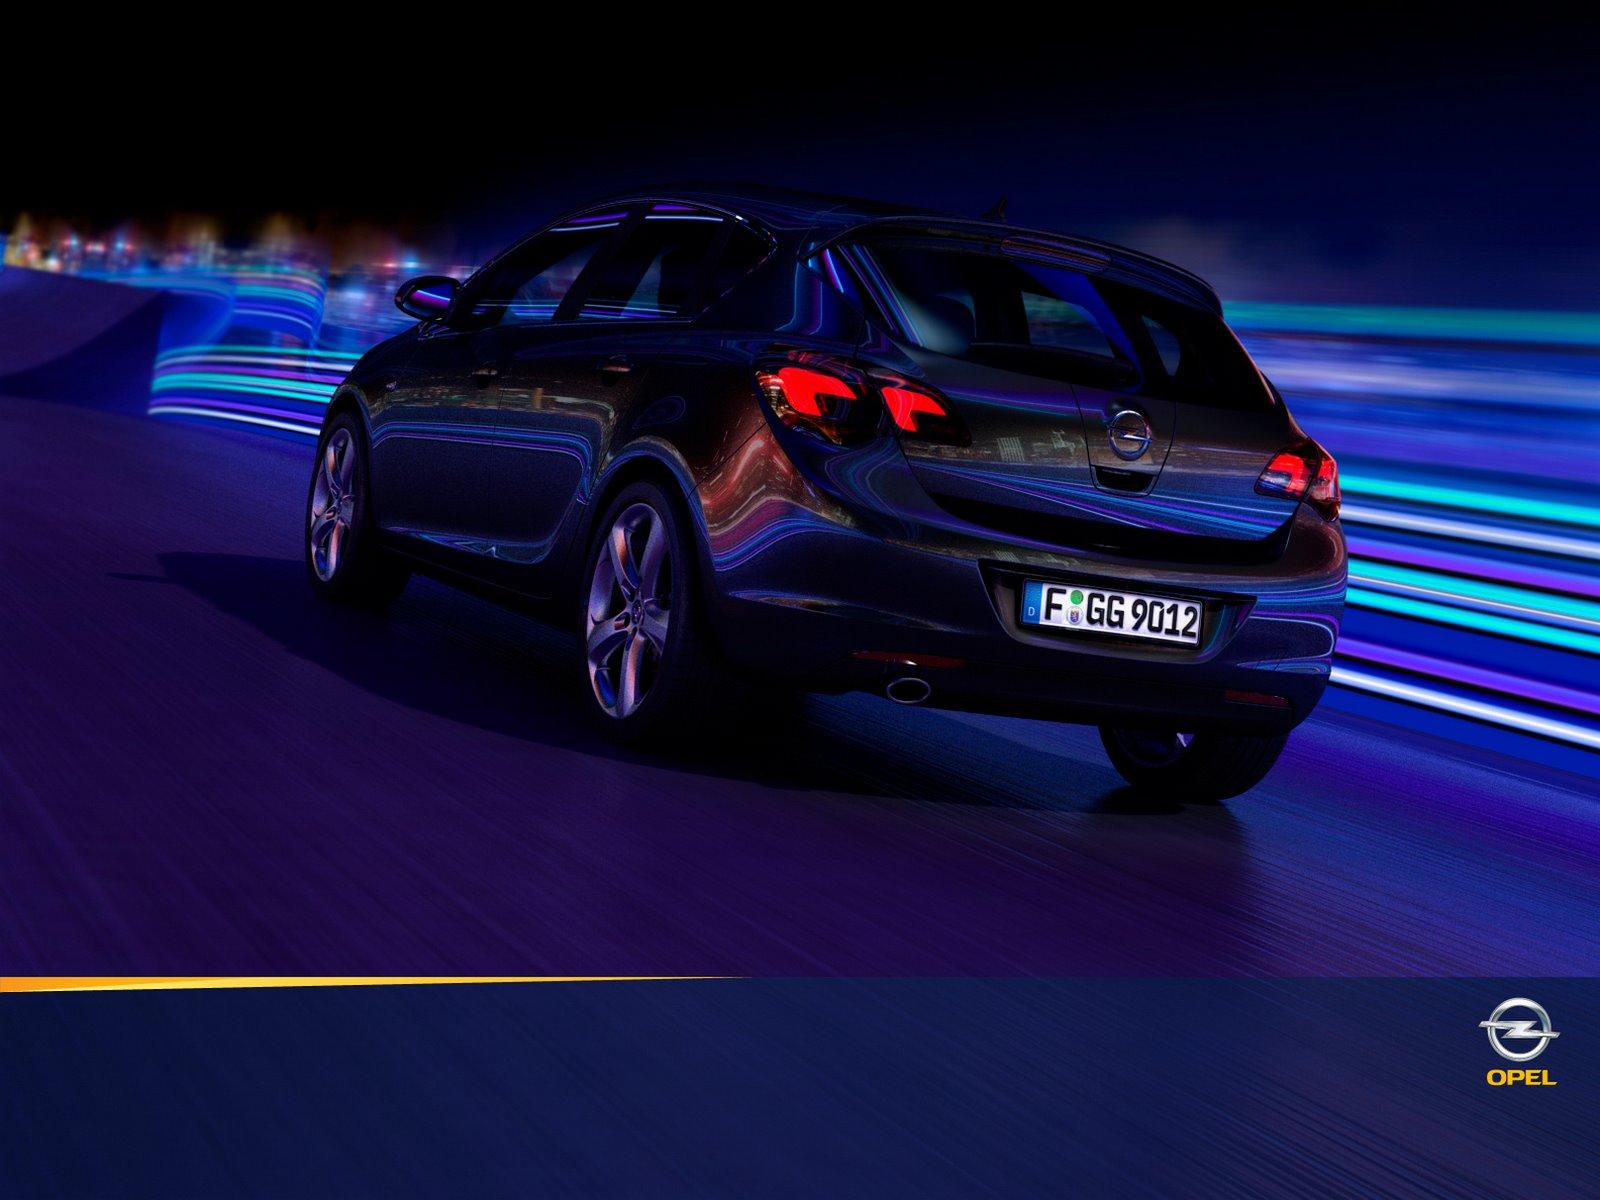 Opel Wallpaper 12   1600 X 1200 stmednet 1600x1200